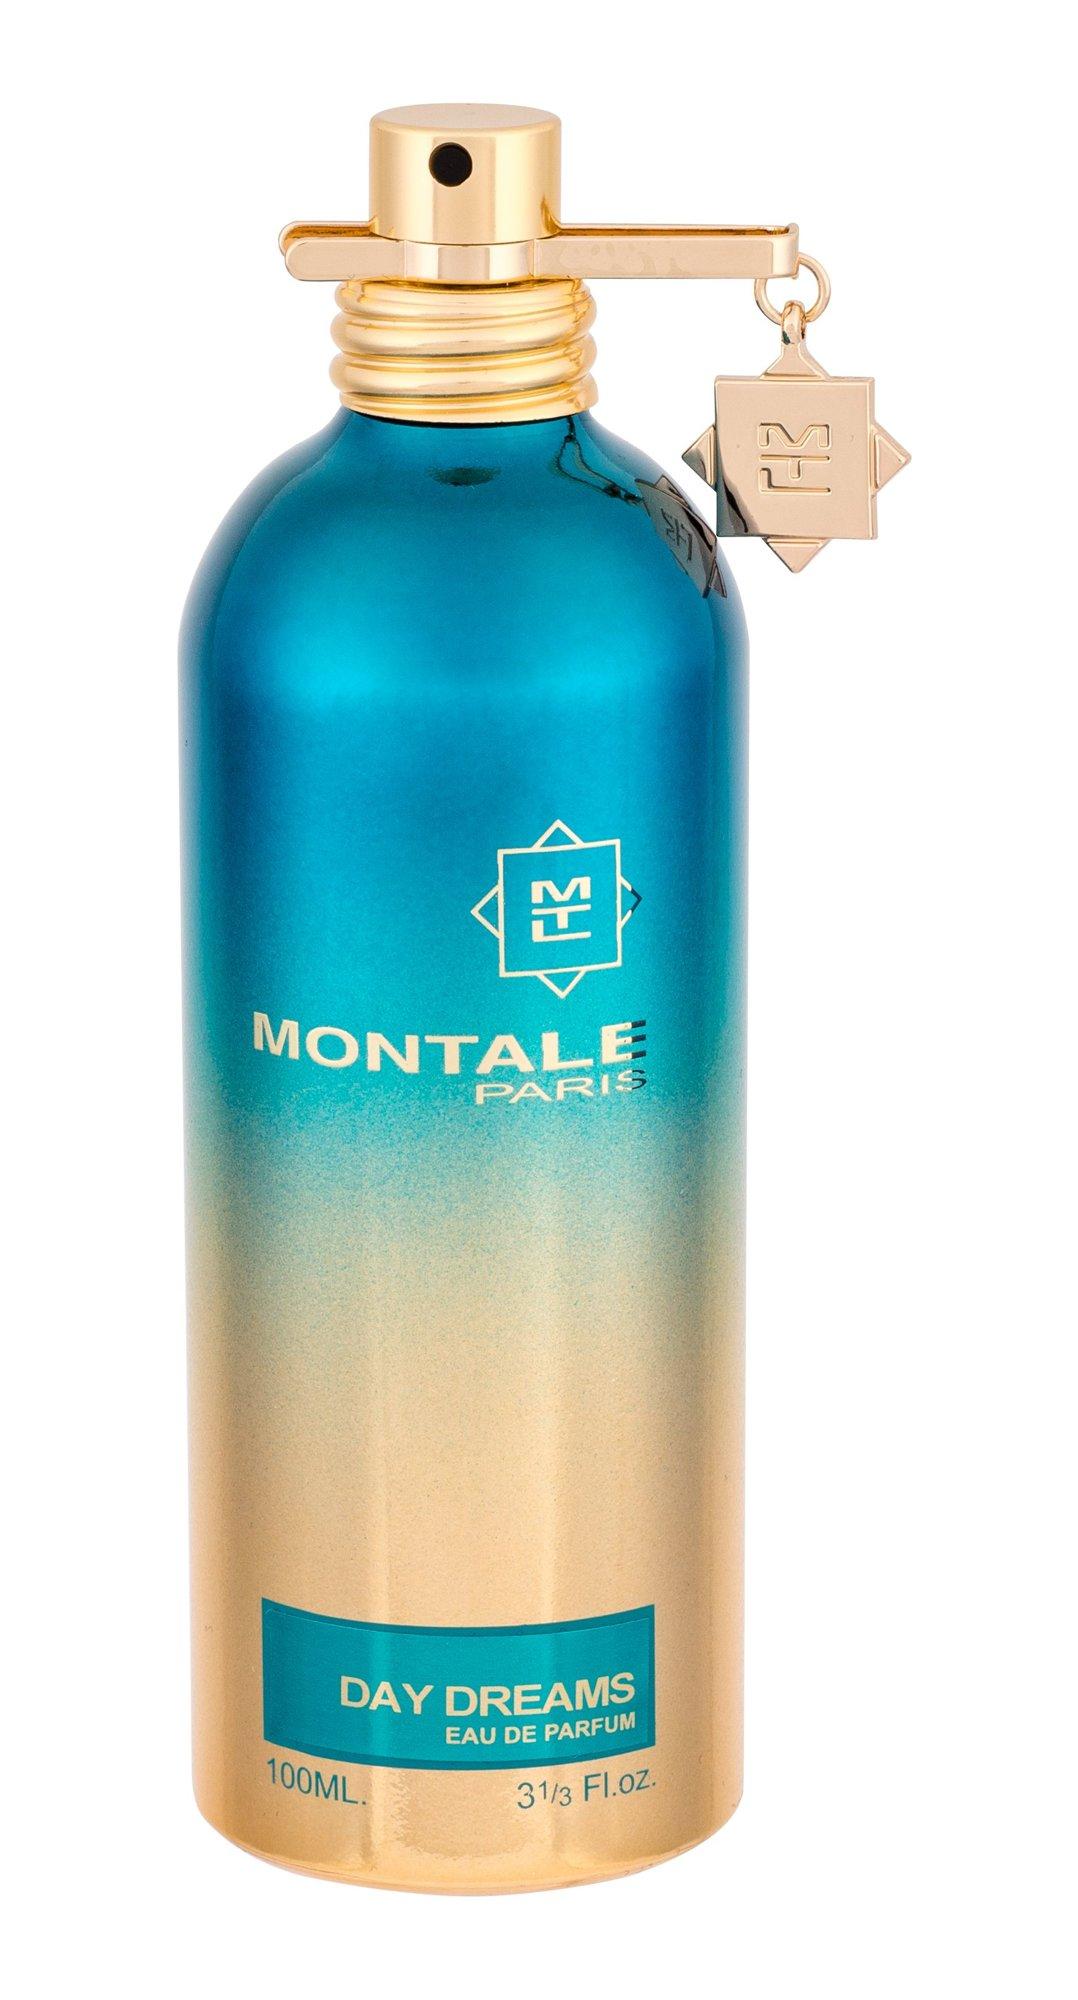 Montale Paris Day Dreams Eau de Parfum 100ml